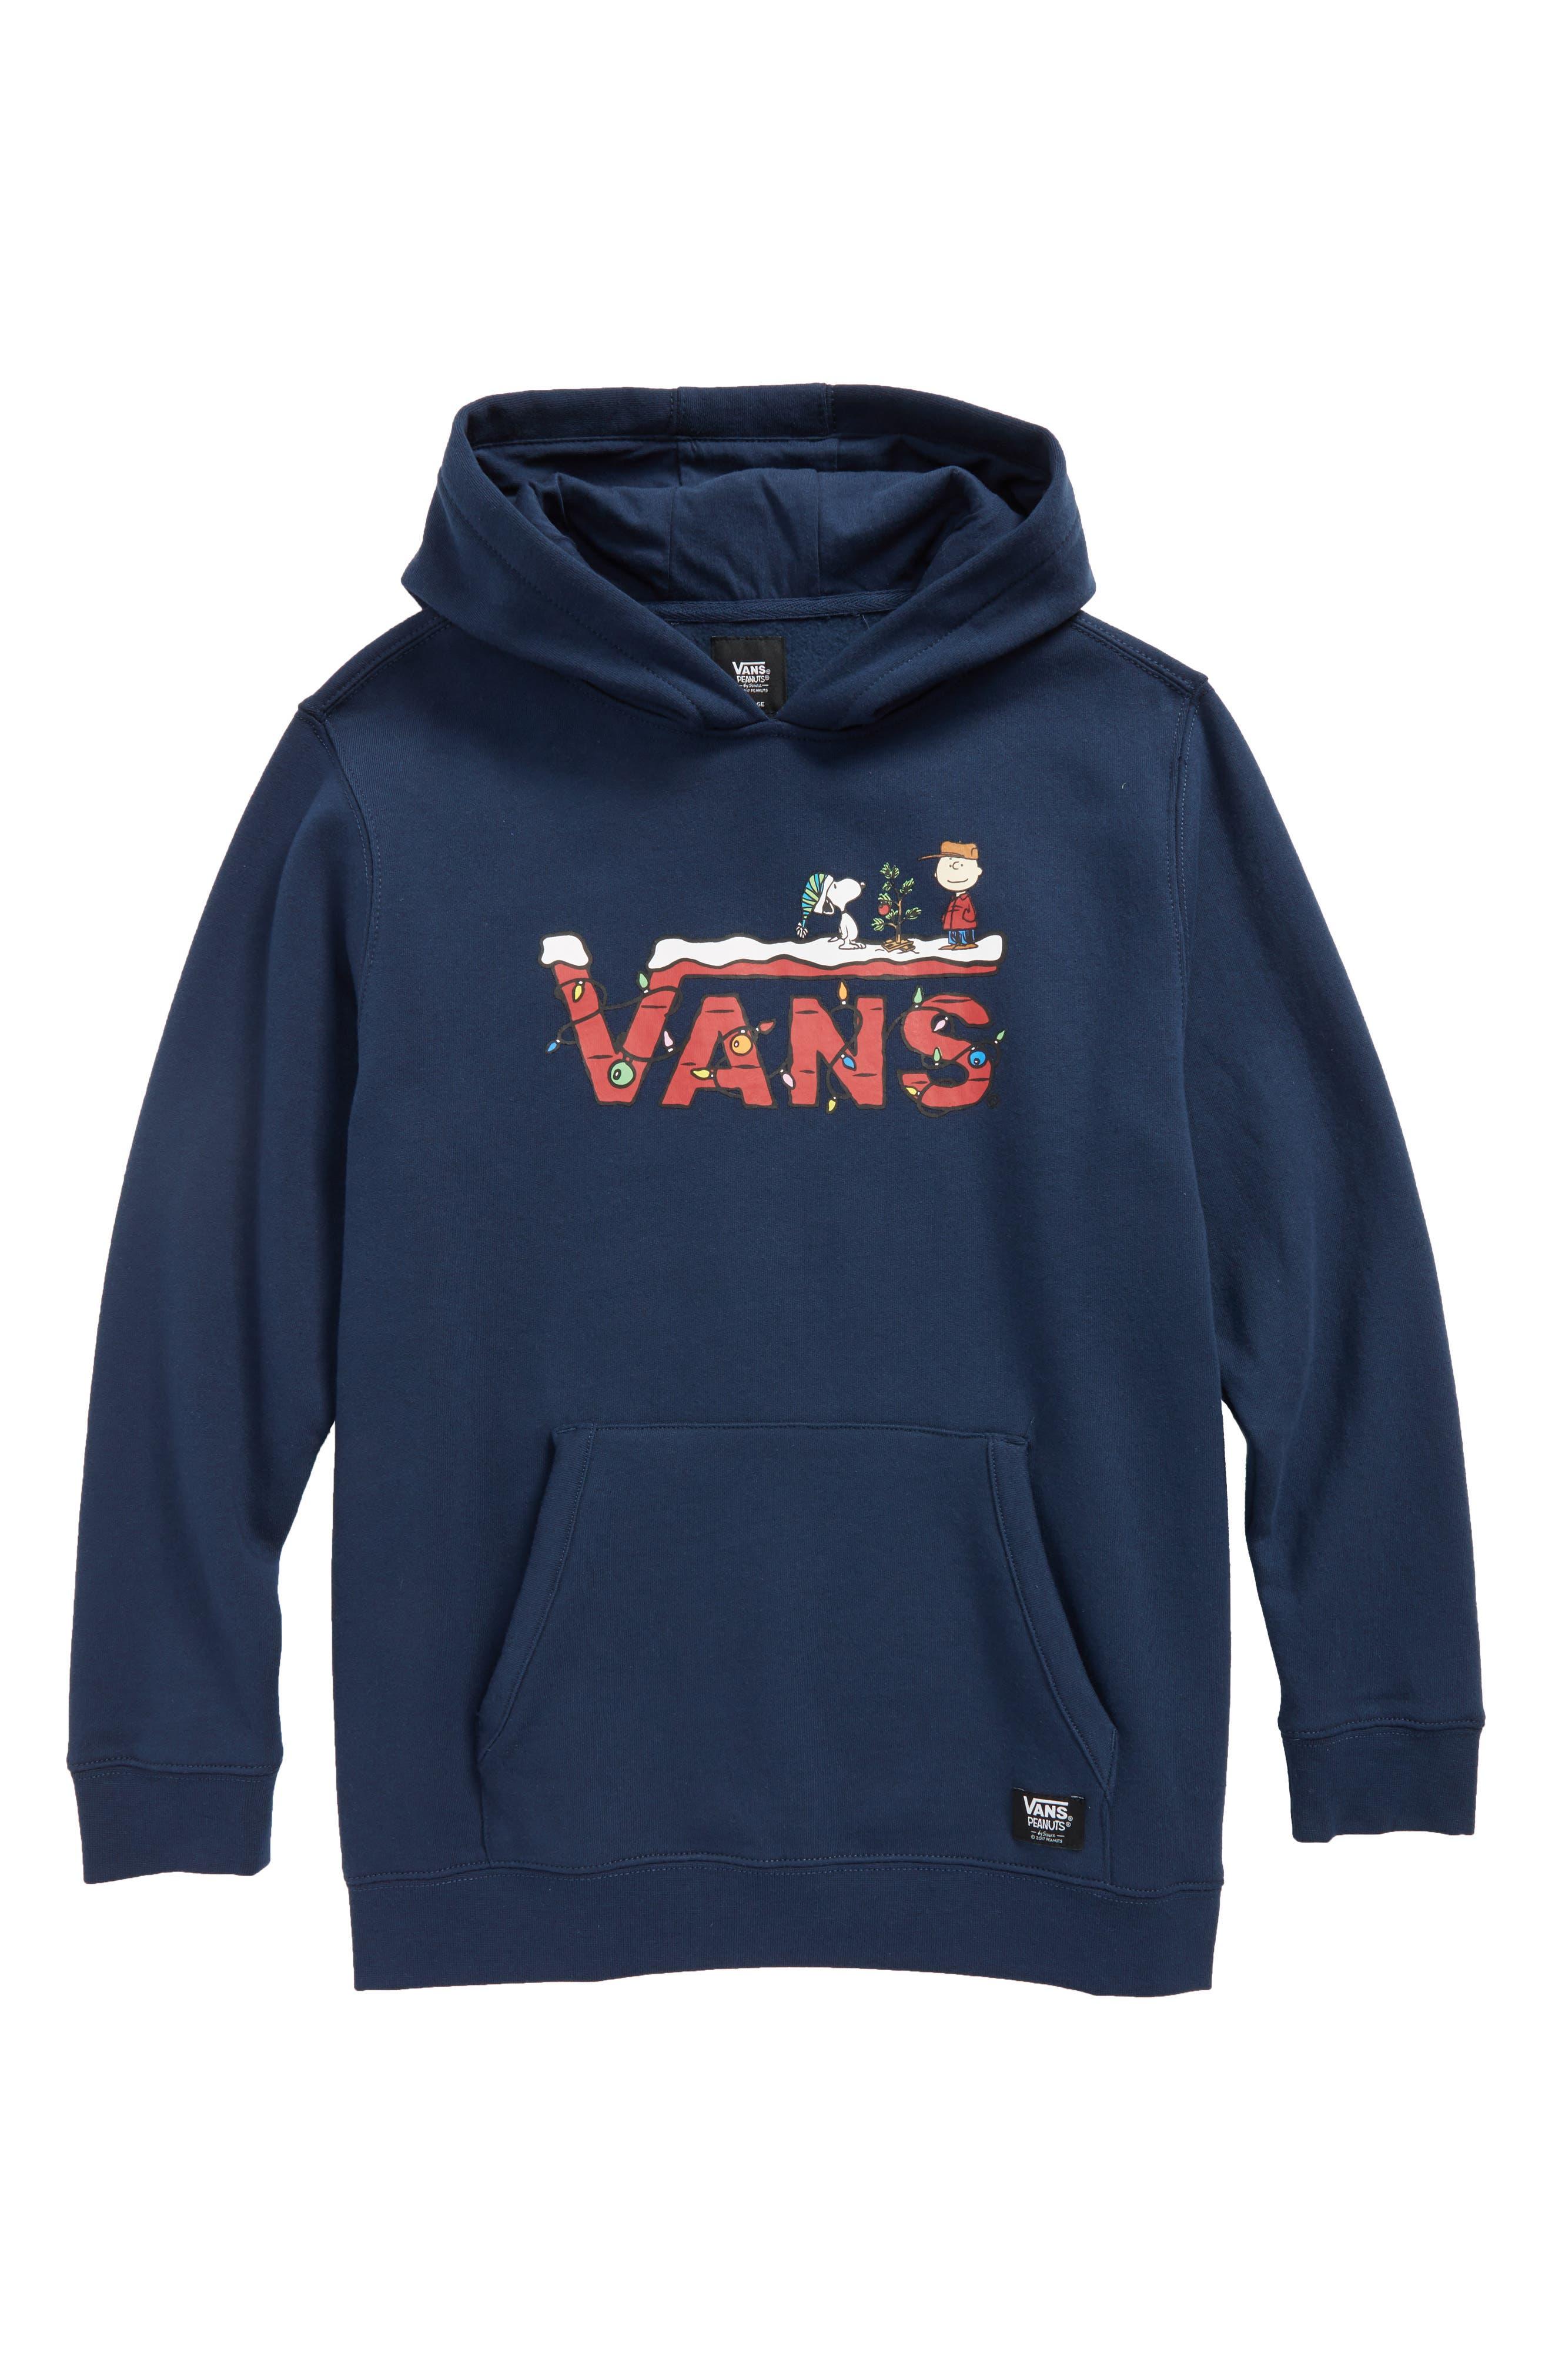 Vans x Peanuts Holiday Hoodie (Big Boys)